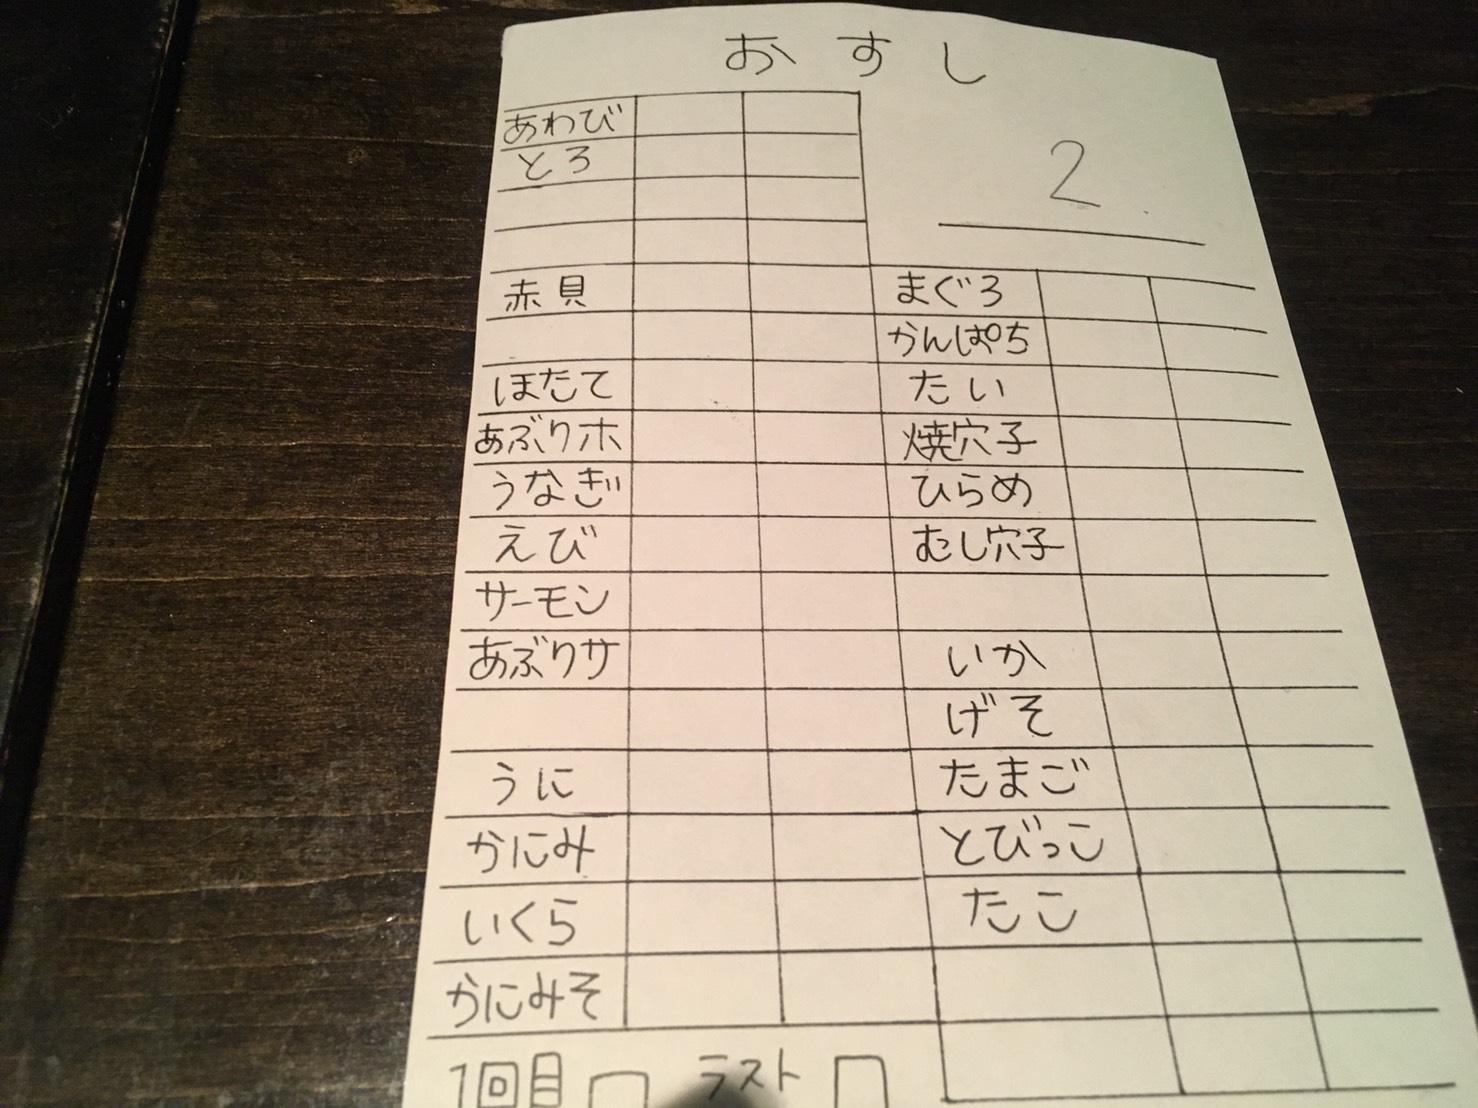 三宮の食べ放題 寿司隆明の注文票